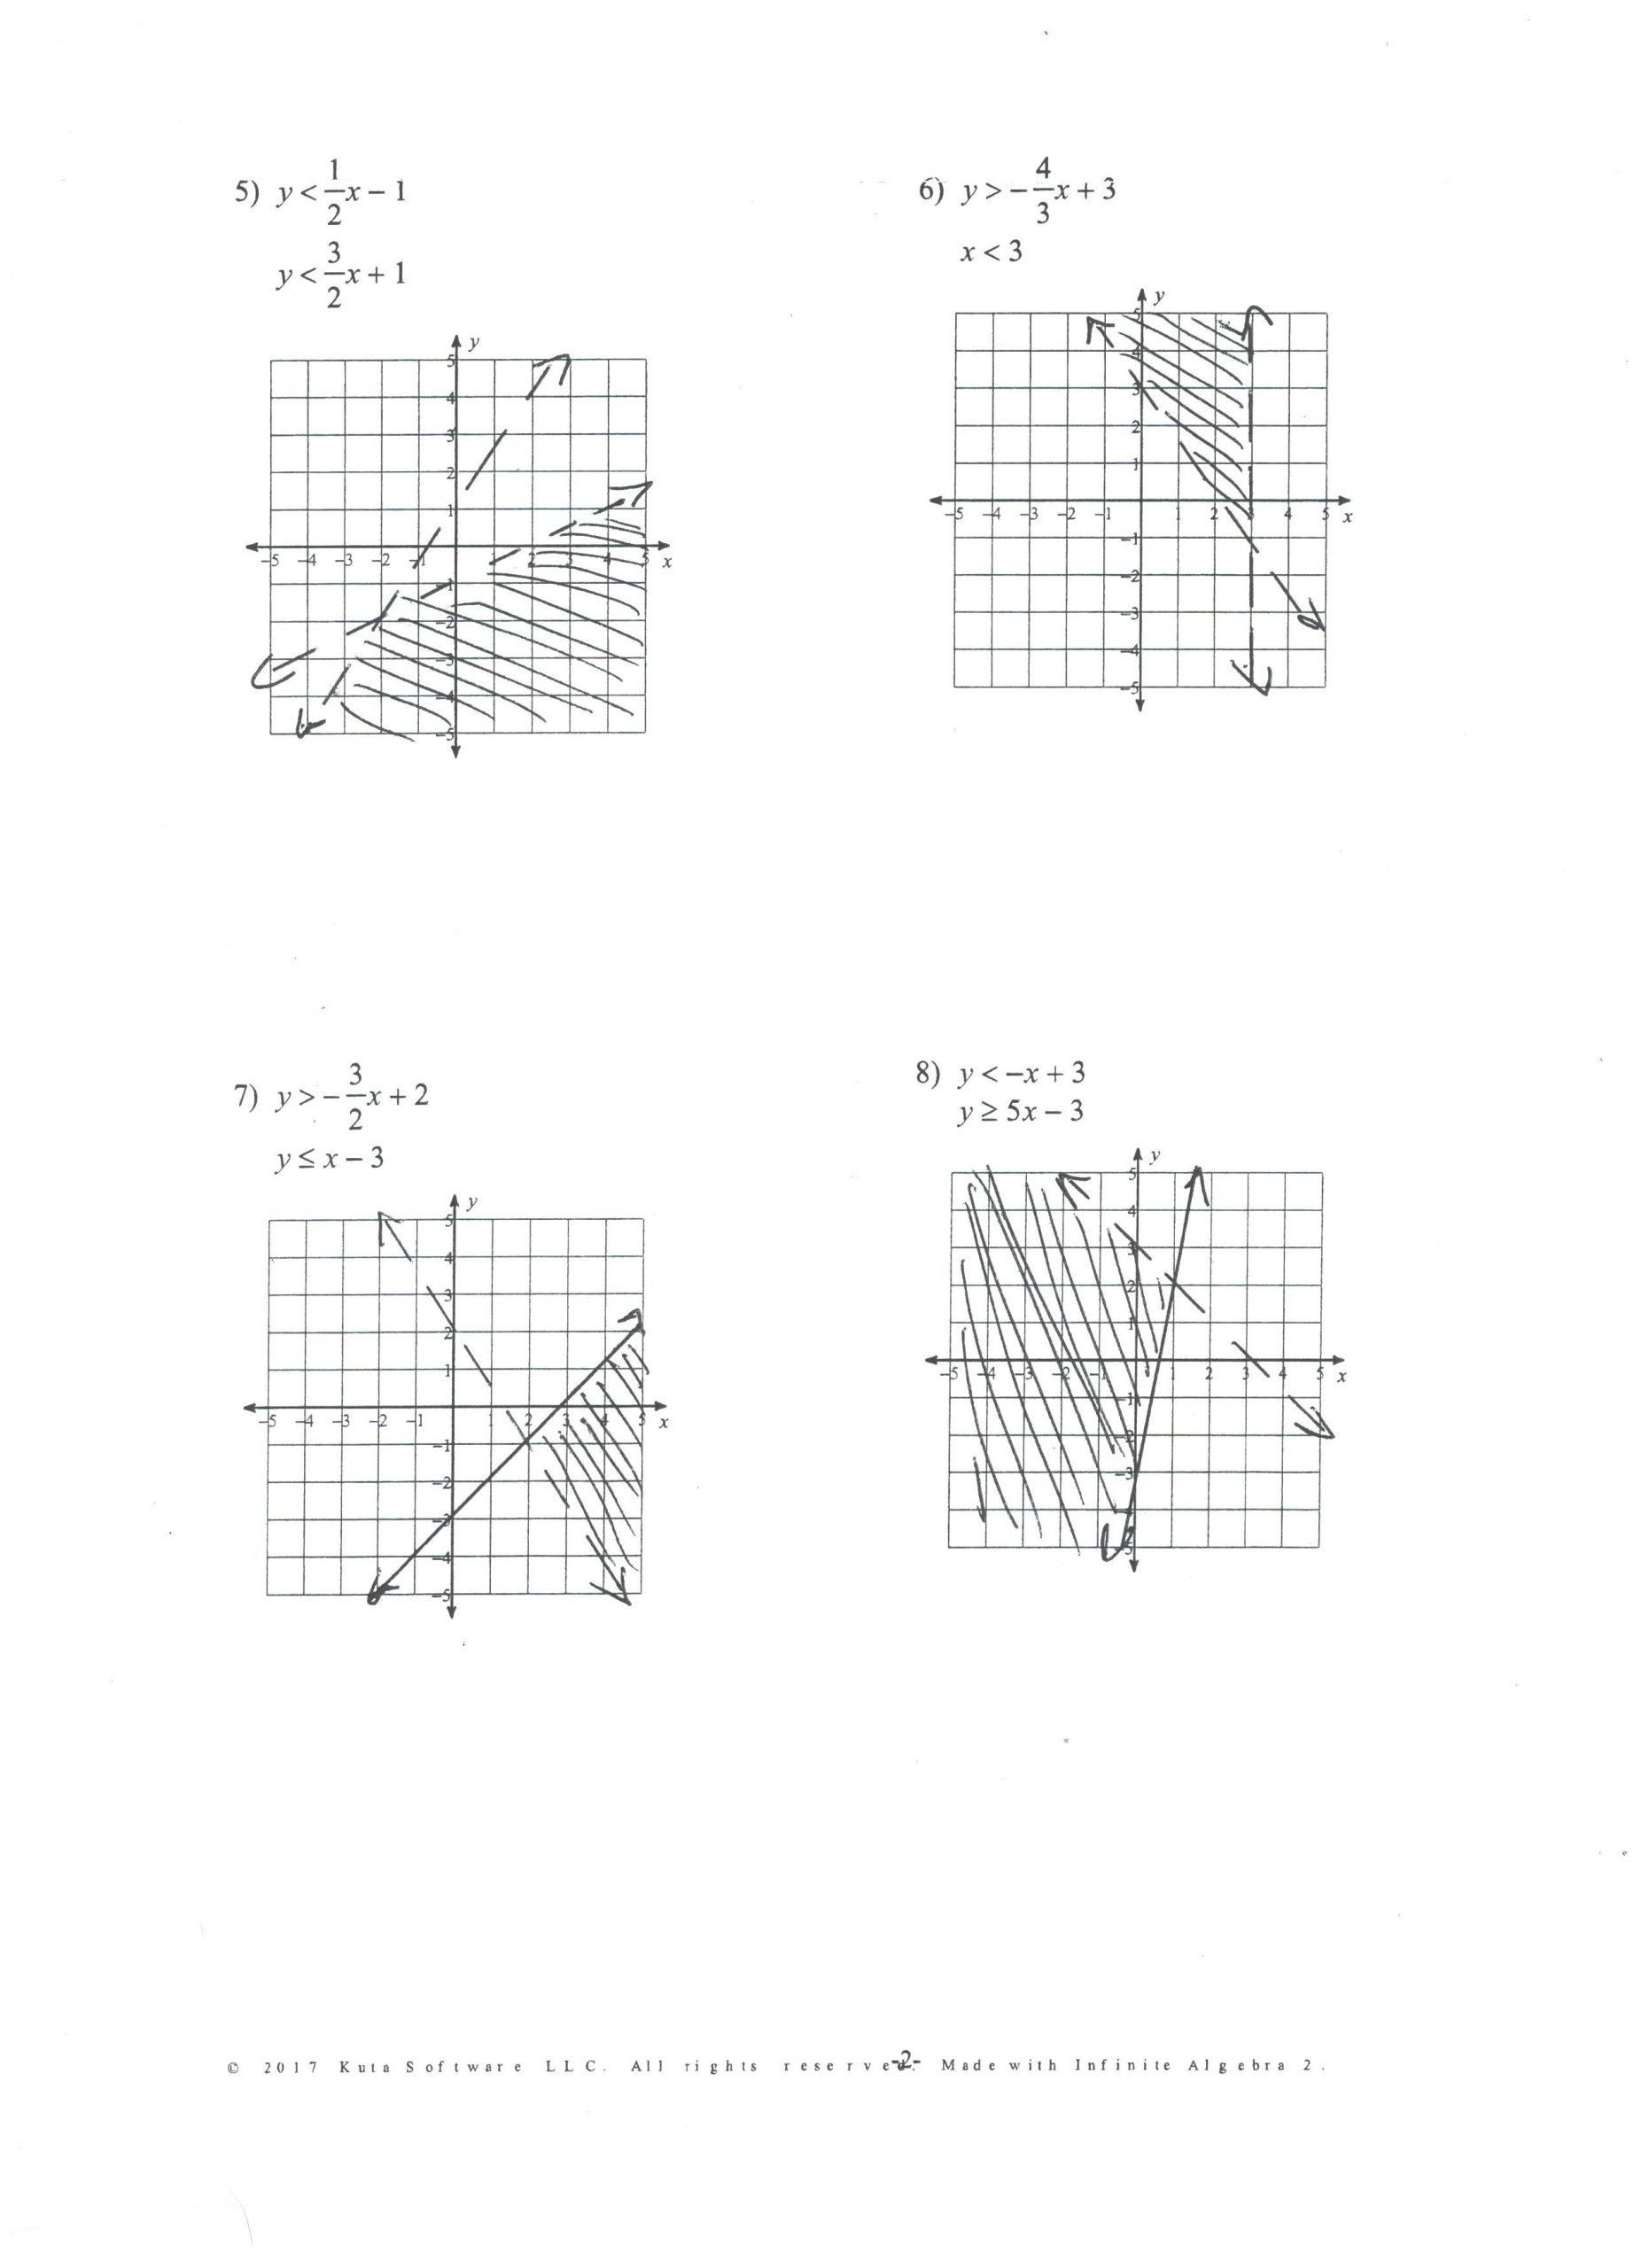 Graphing Linear Inequalities Worksheet Answers Algebra Ii Ap Calculus